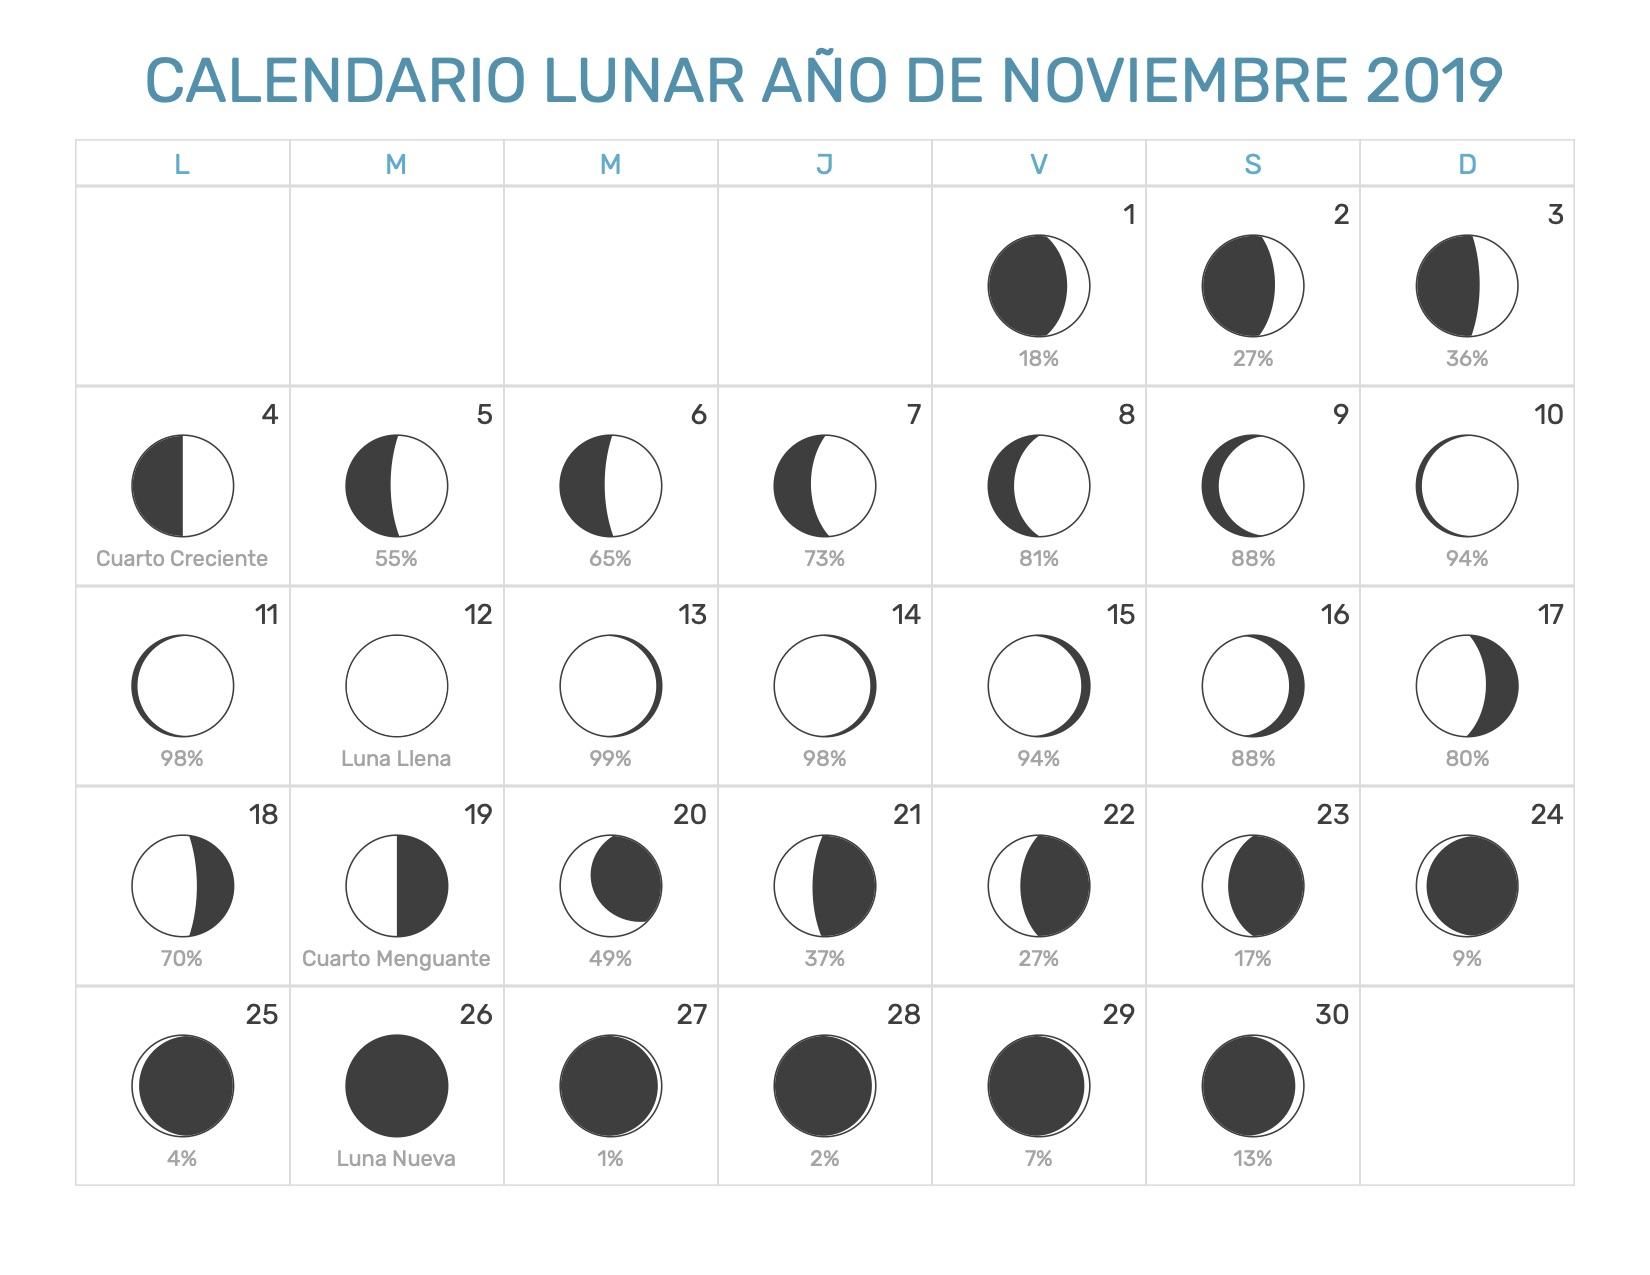 Calendario Noviembre 2019.Calendario Lunar Noviembre Ano 2019 Fases Lunares